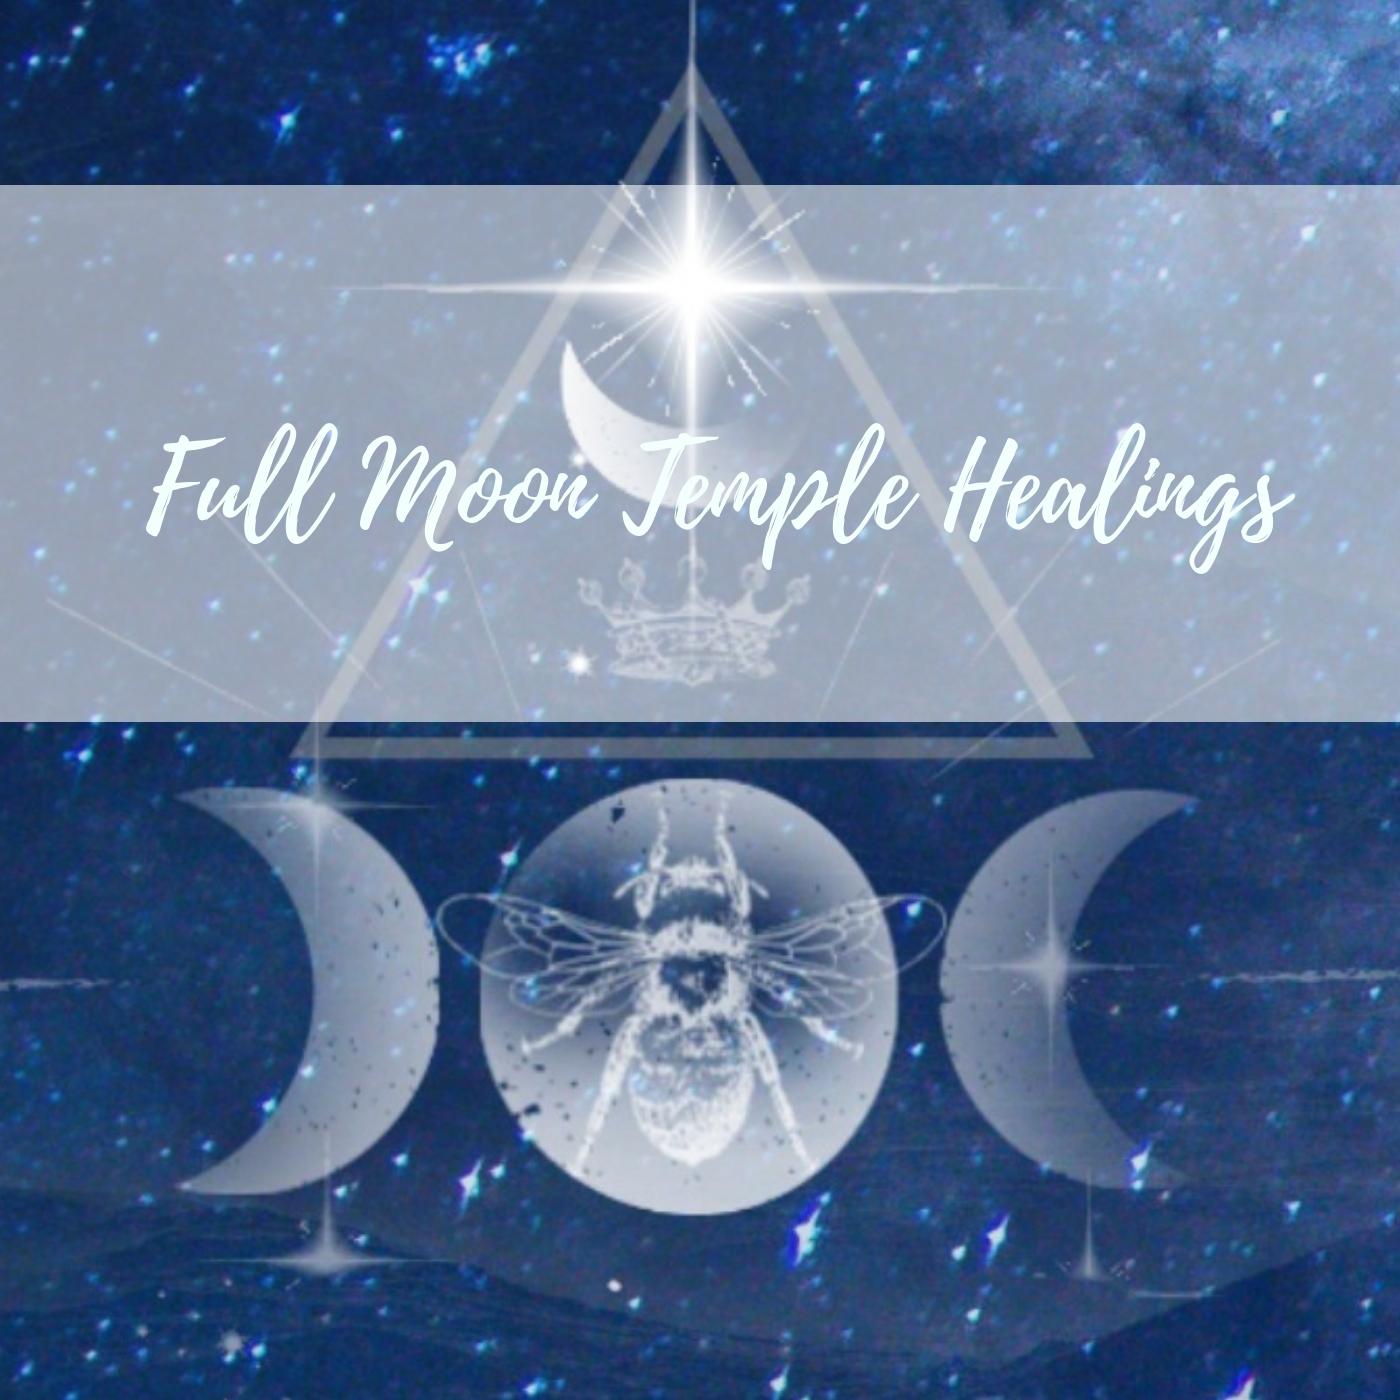 Full Moon Temple Healings (1).jpg